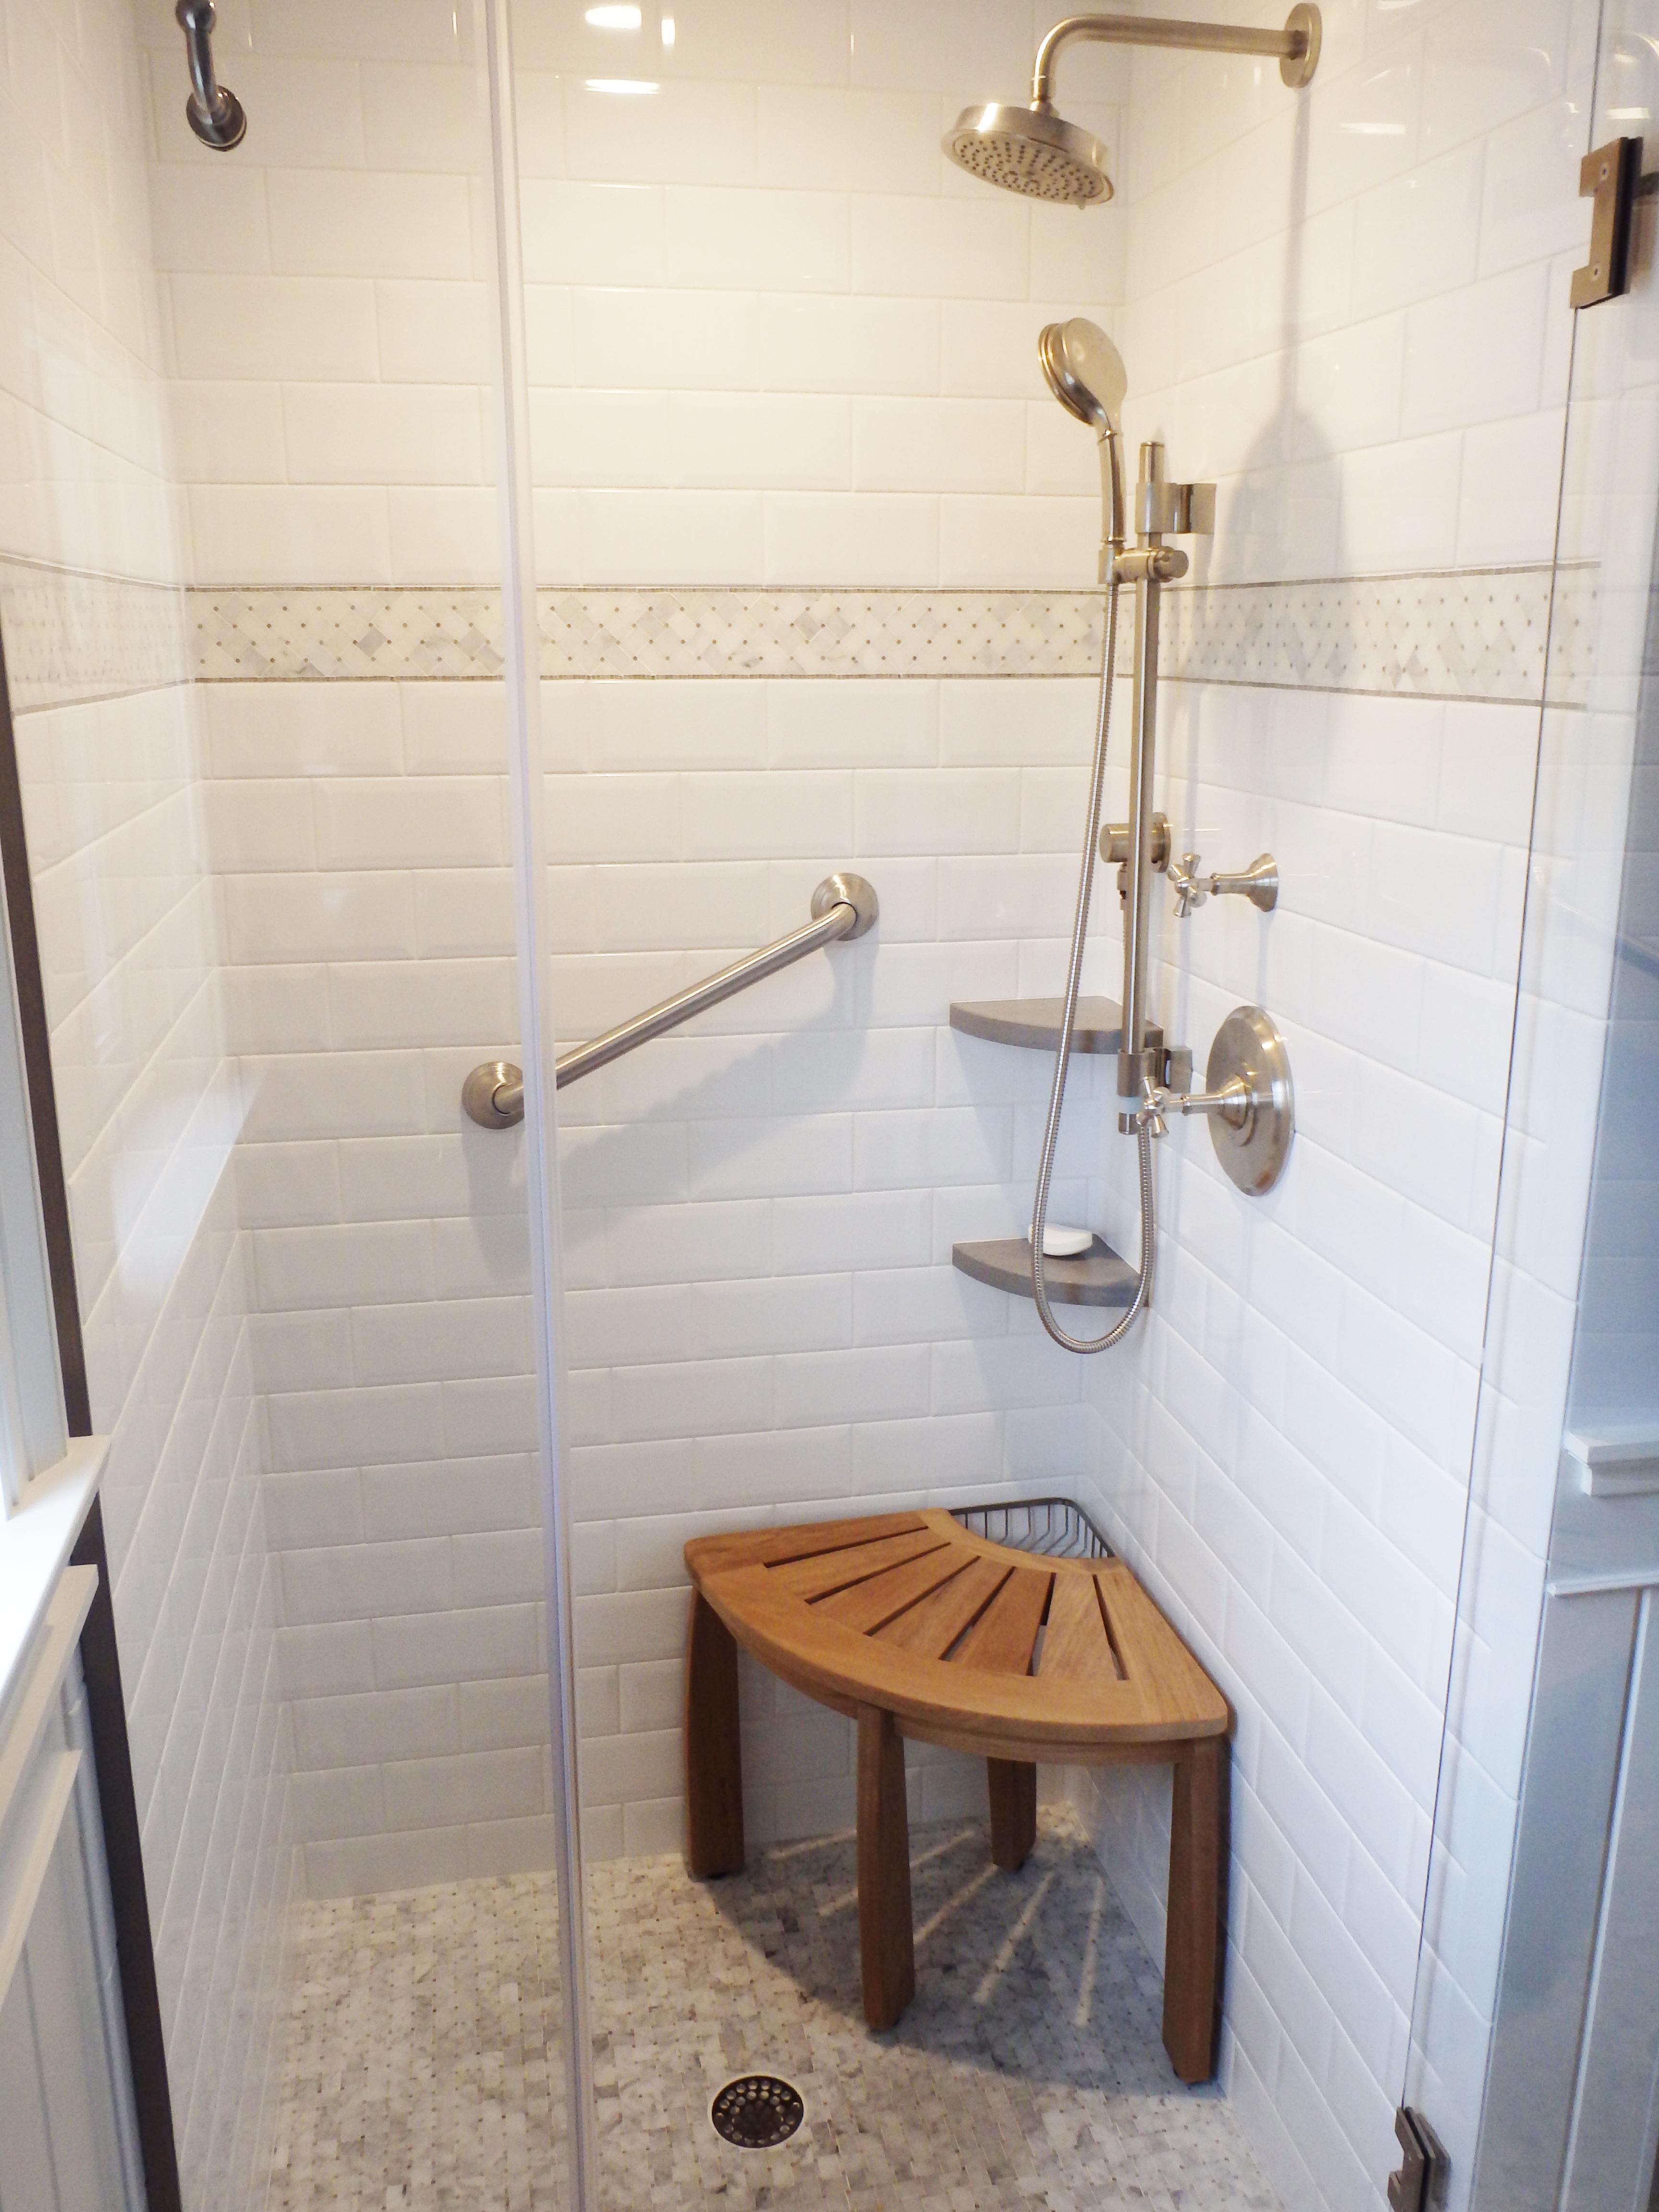 Tilery.beveled.subway.tile.shower.capecod.basketweave